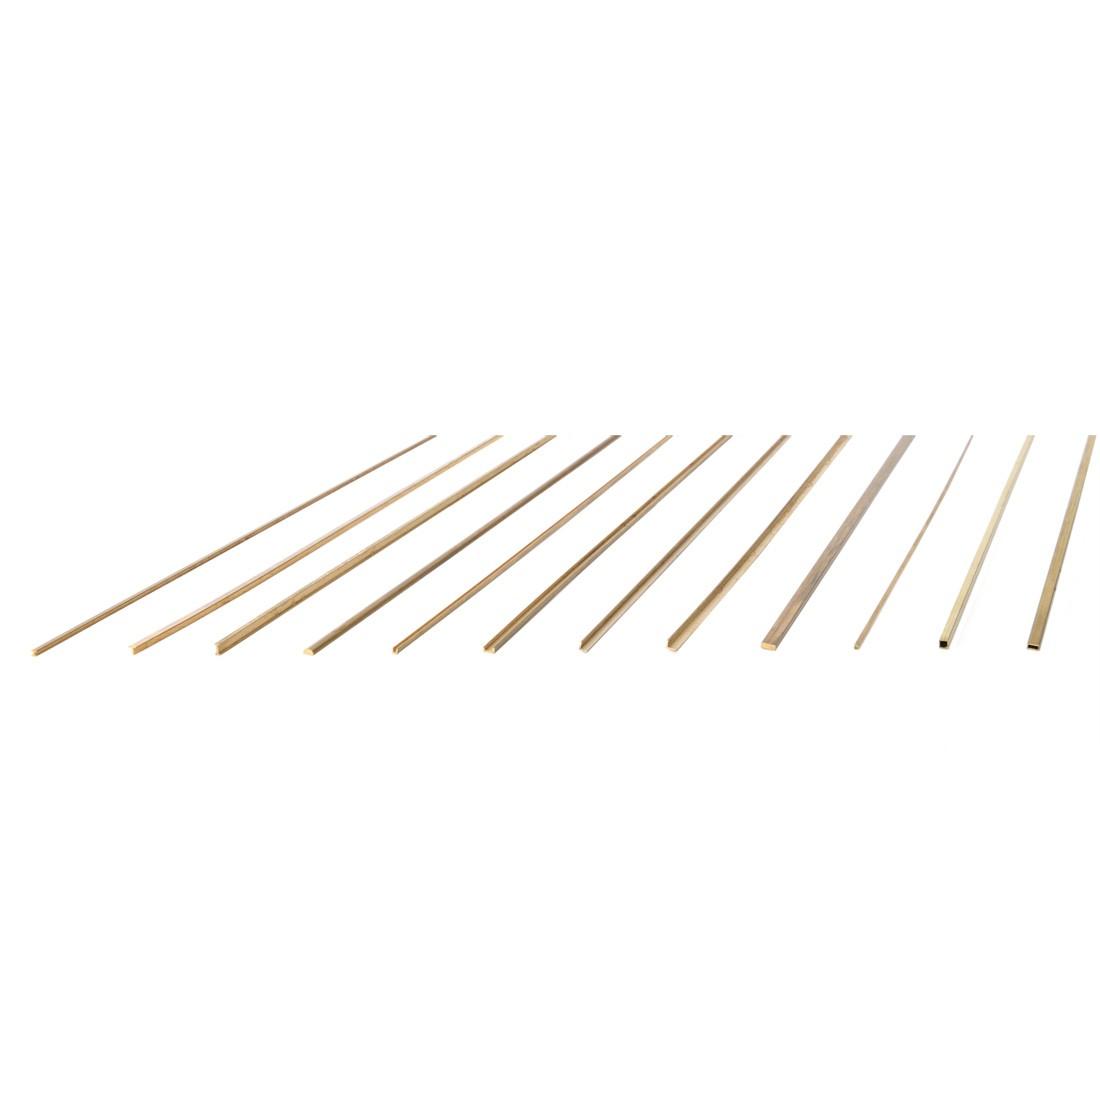 Ángulos de latón 6x6x1